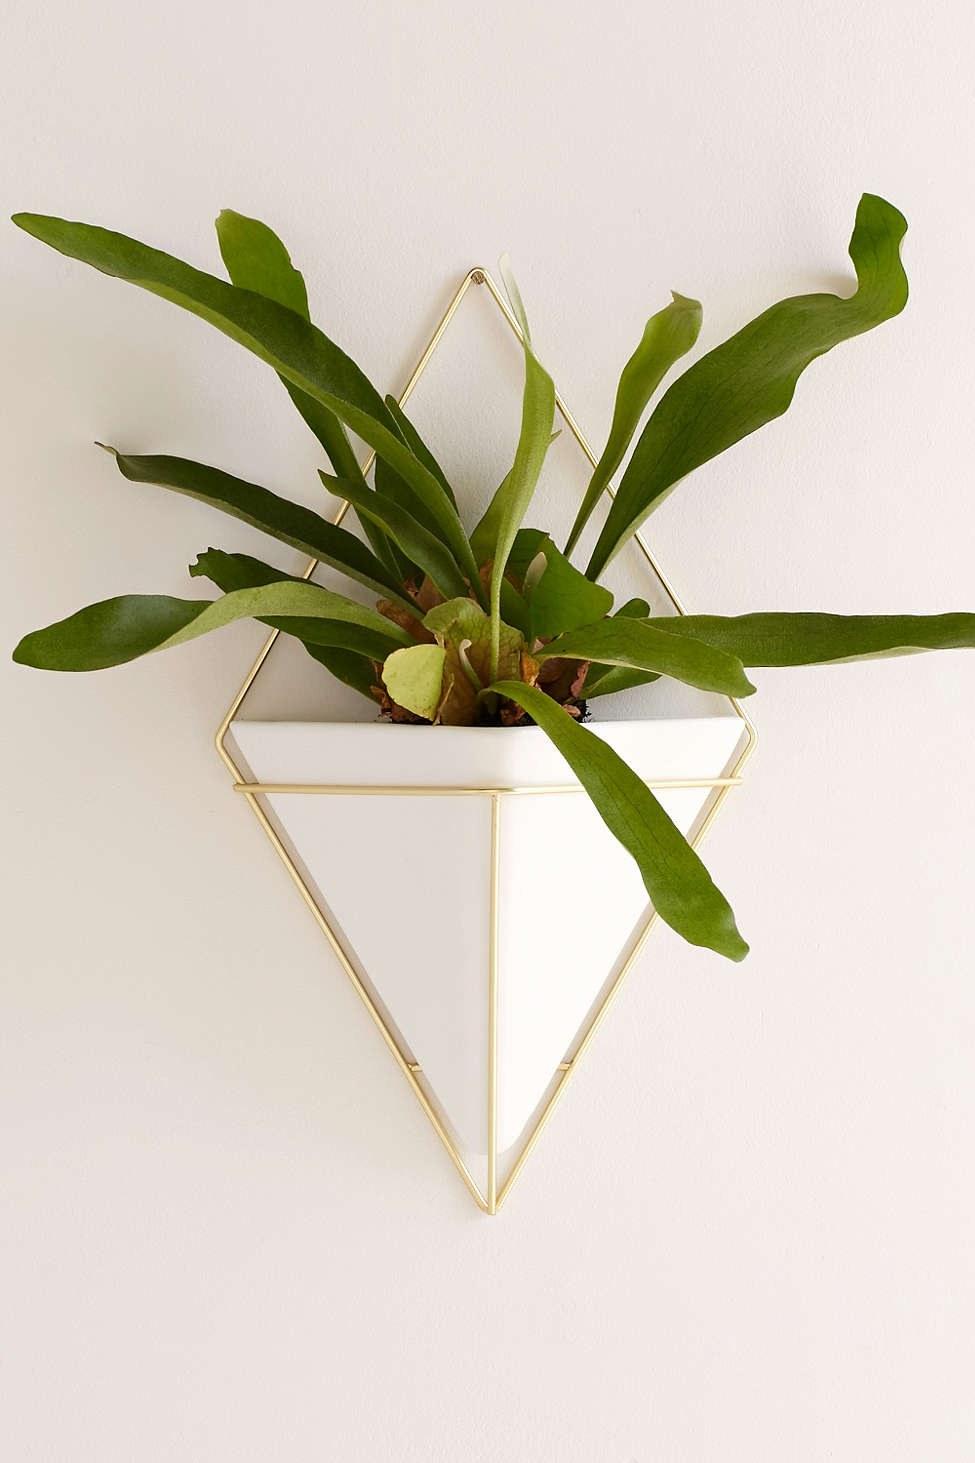 vaso-geometrico-com-tubos-dourados-metal